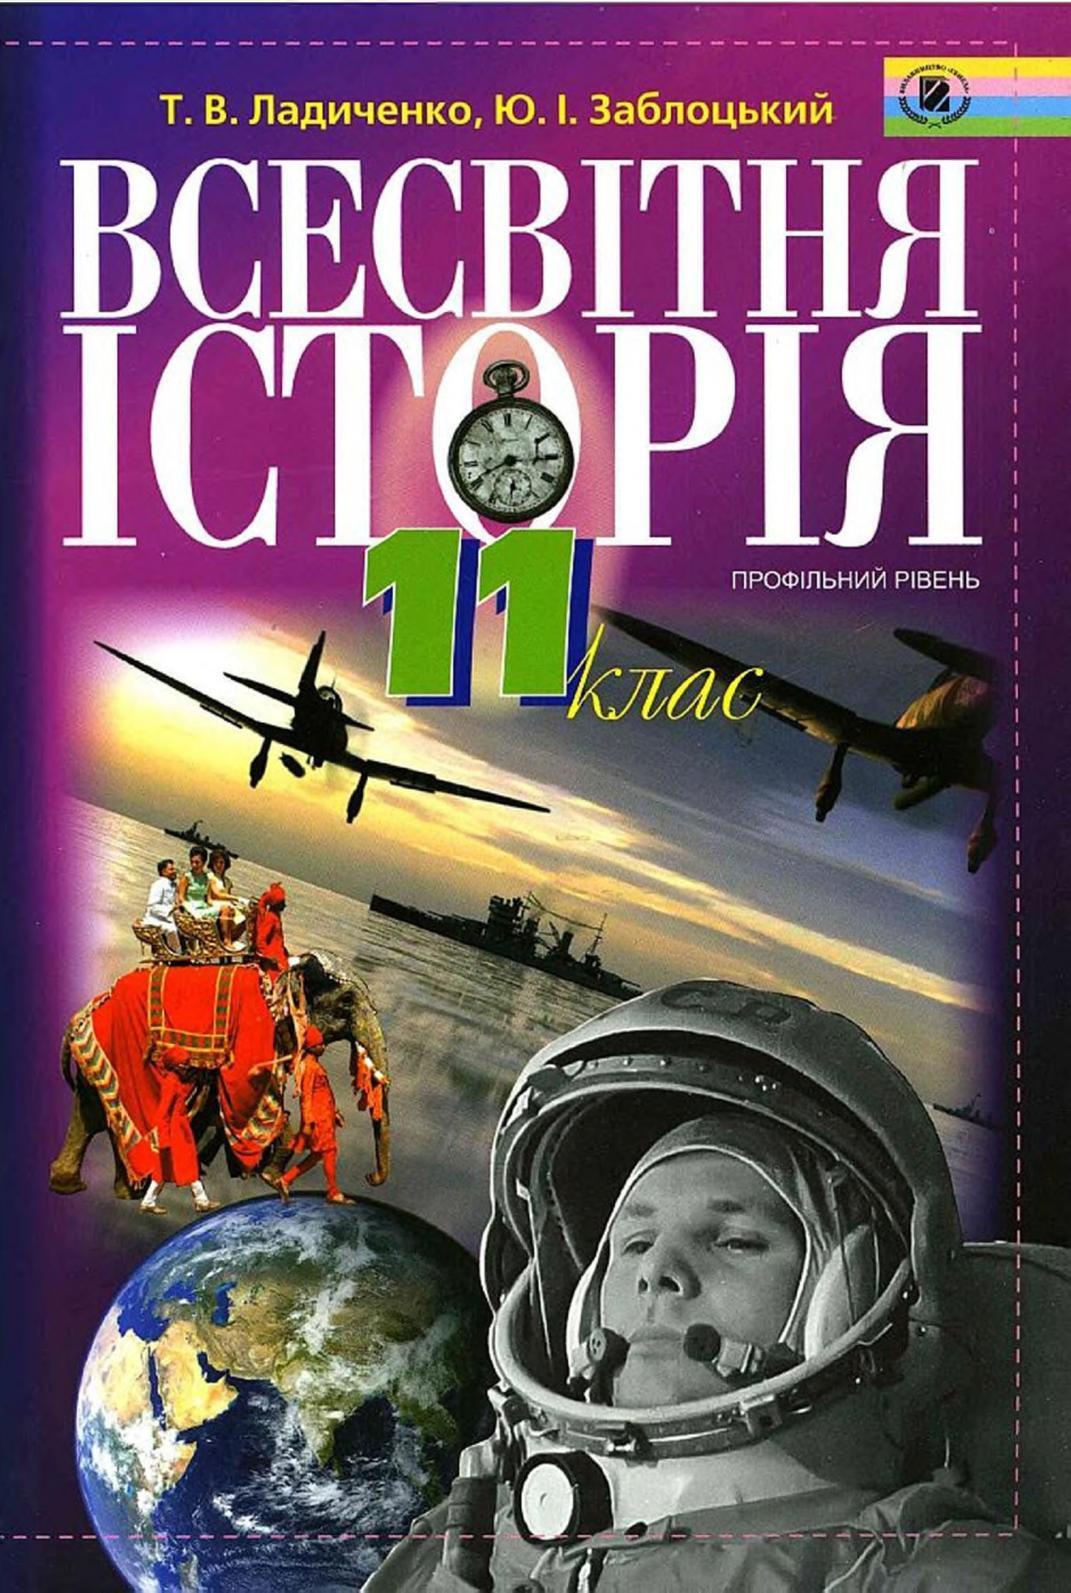 11 клас. Всесвітня історія (Ладиченко, Заблоцький Ю) 2011